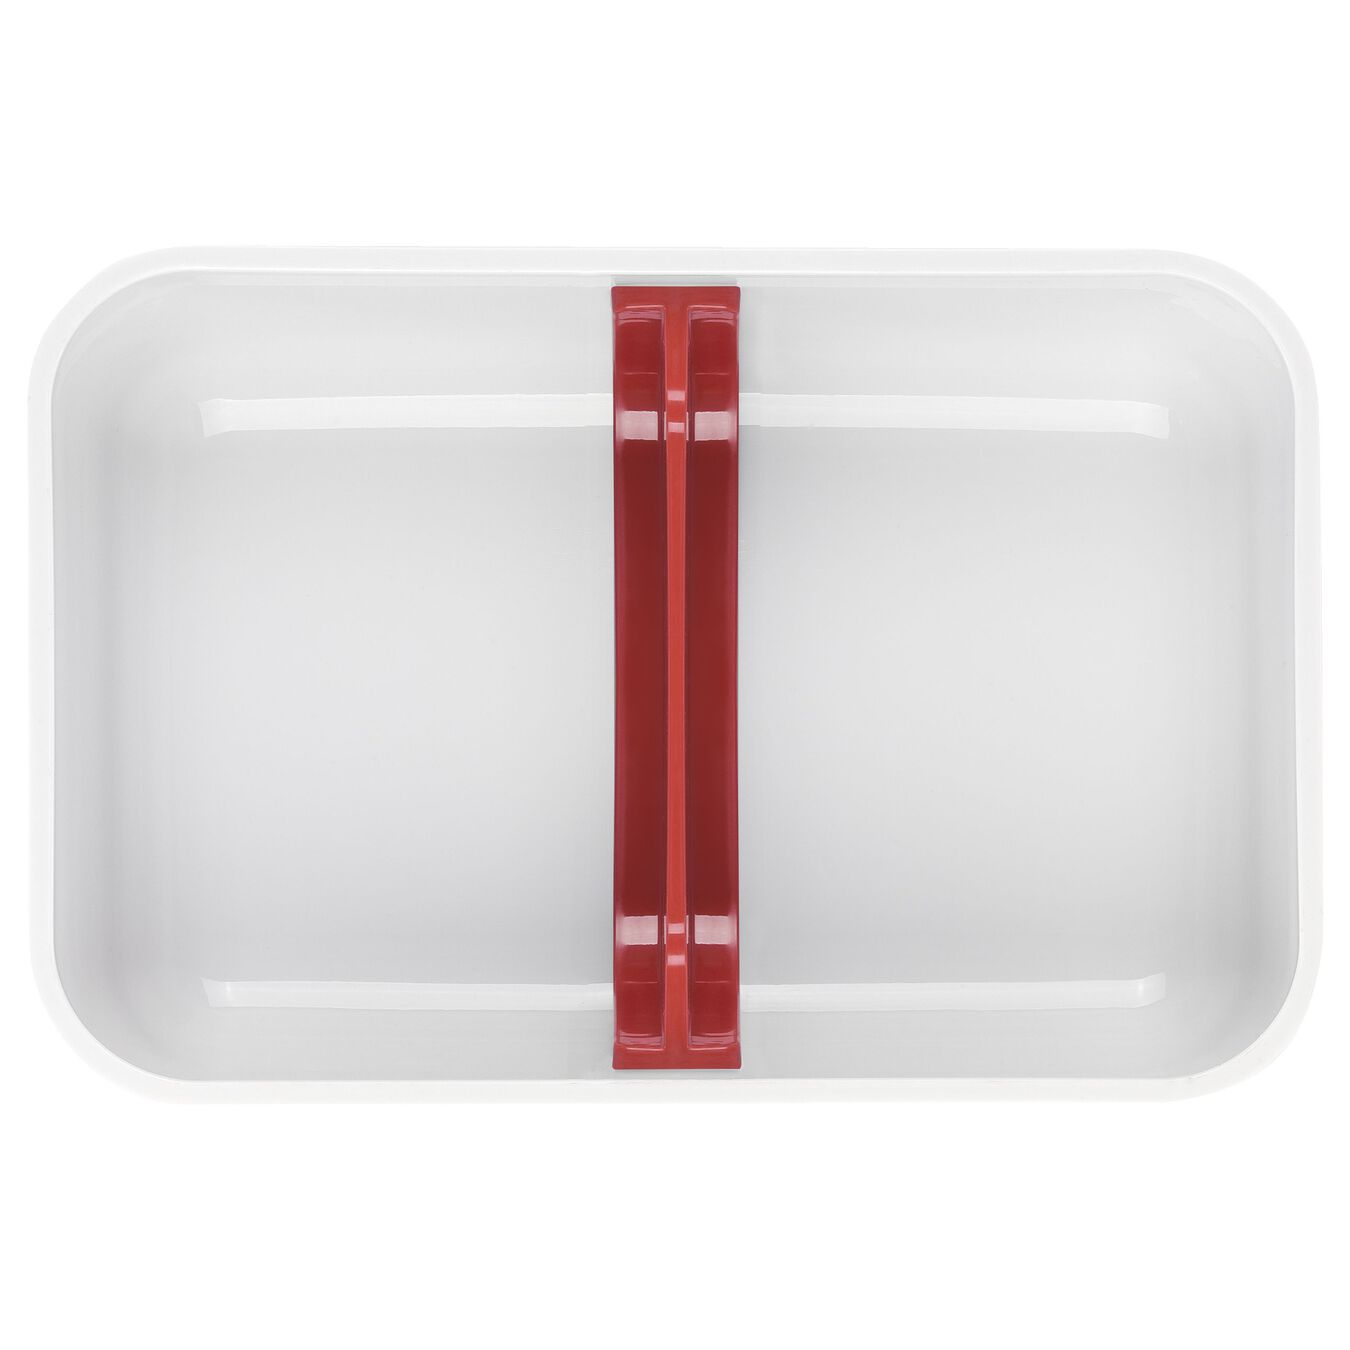 Lunch box sottovuoto, L, plastica, bianco-rosso,,large 4